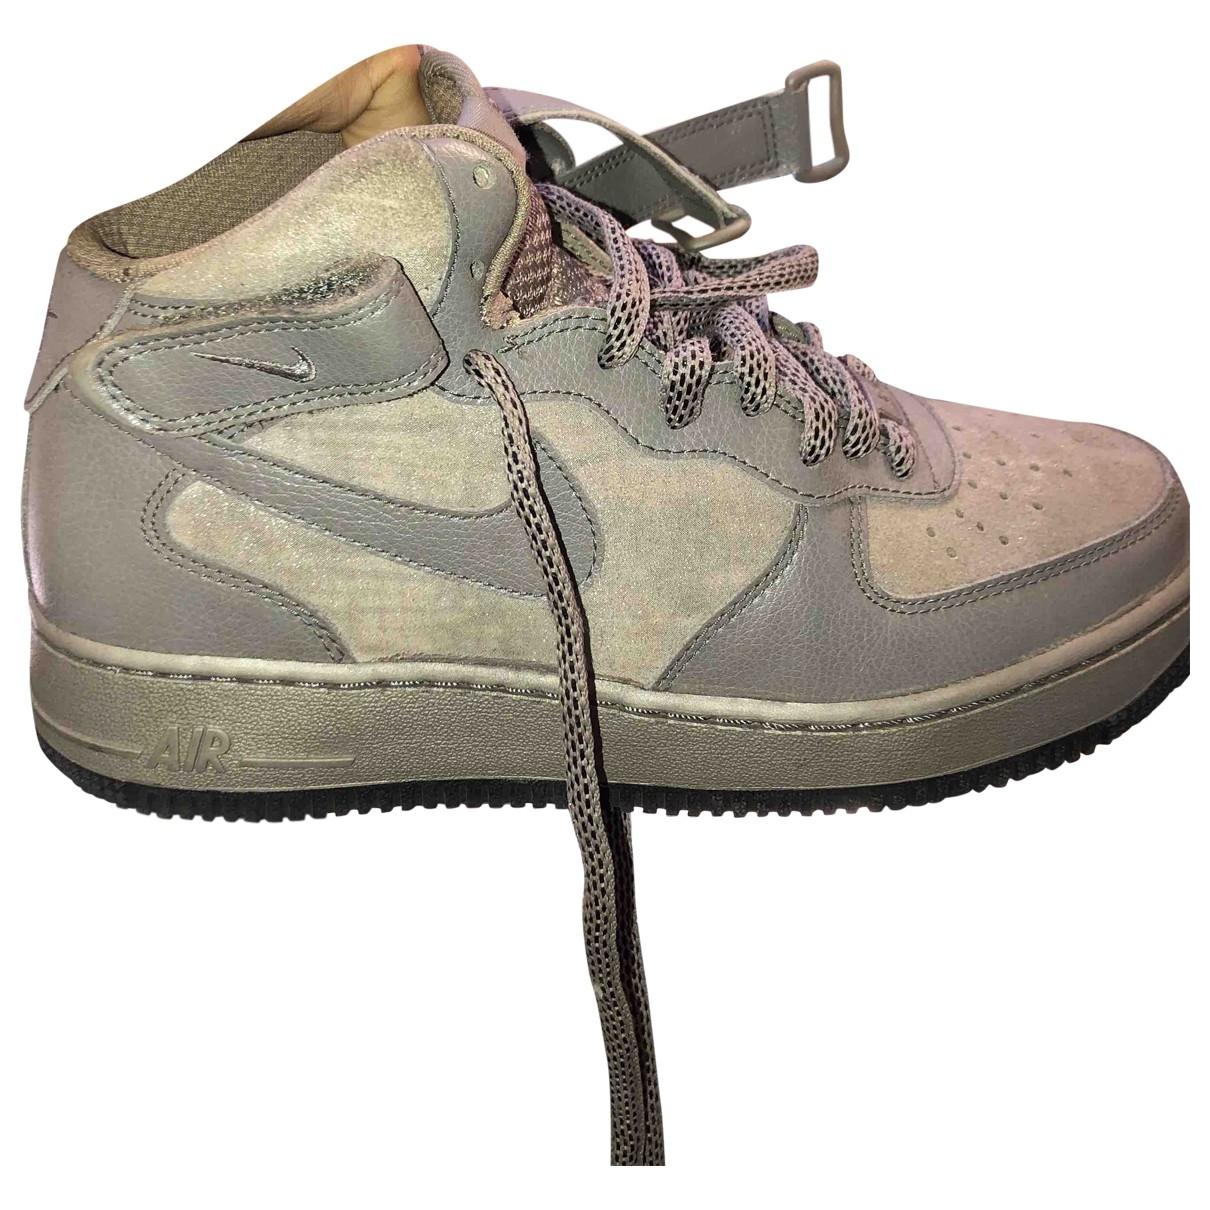 Nike Air Force 1 Sneakers in Lackleder